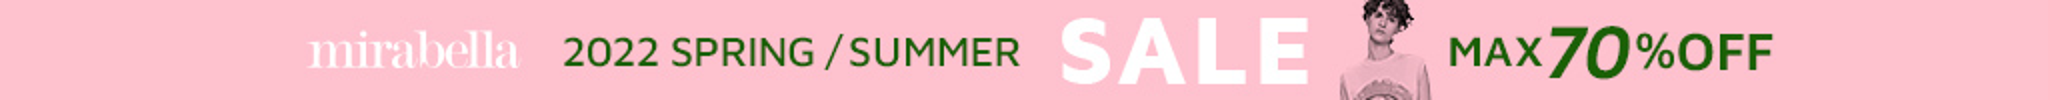 mirabella 18AW SALE|ミラベラセール開催中! MAX 50%OFF